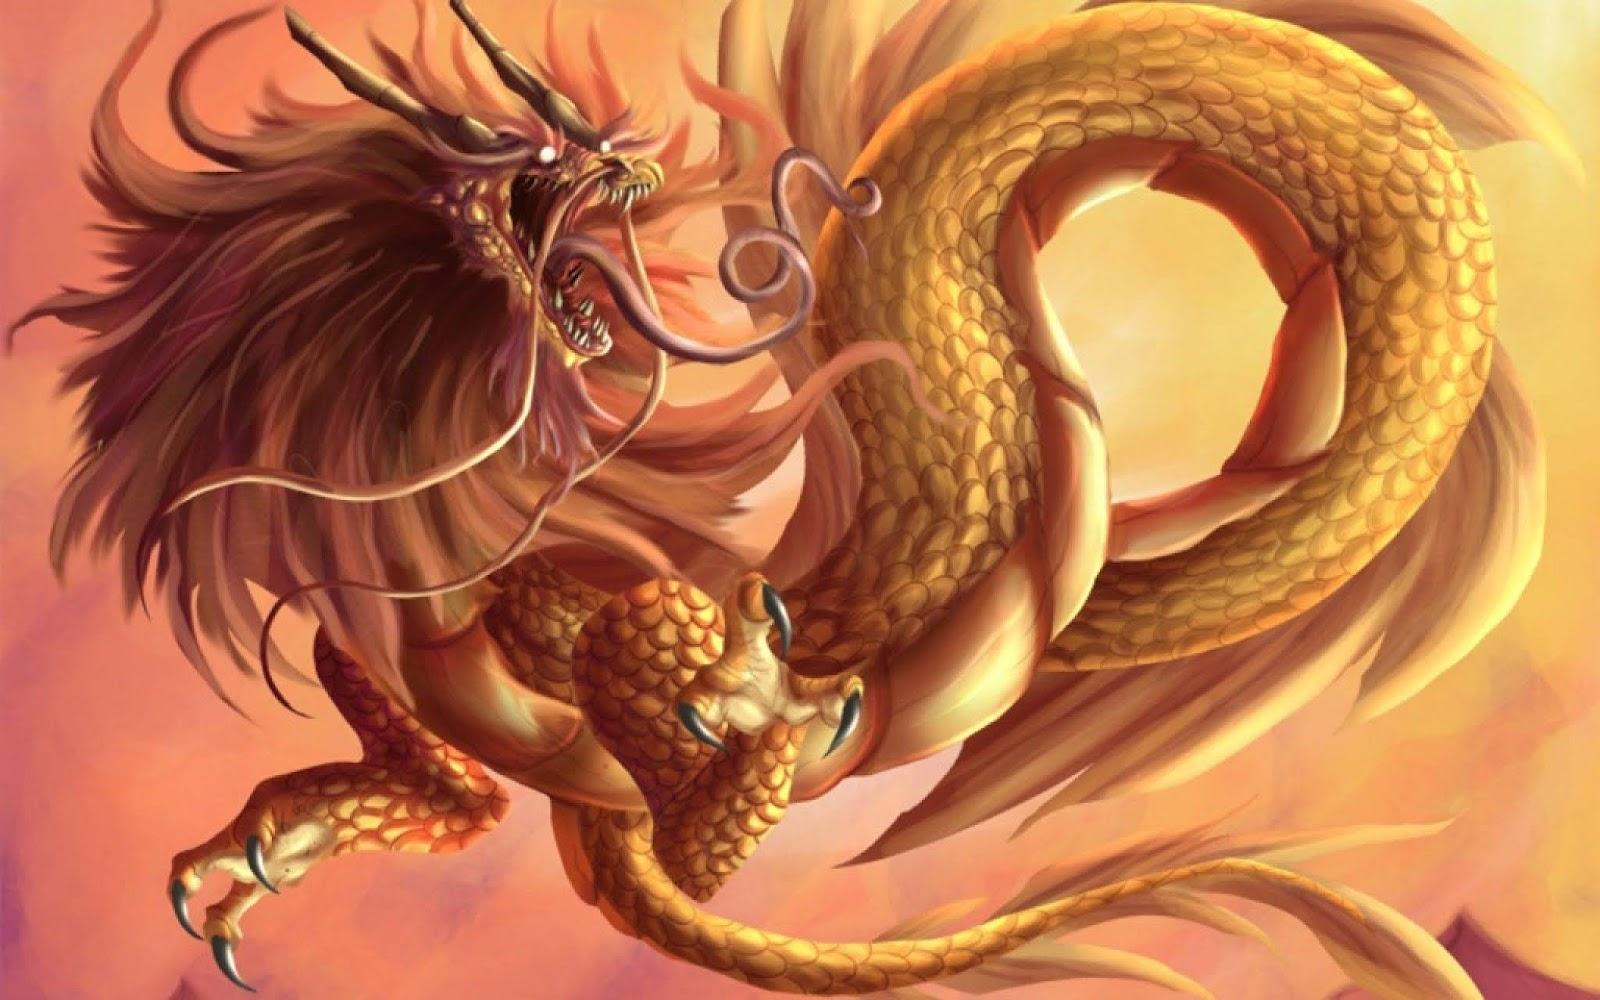 Hình ảnh Chân Thực Về Con Rồng